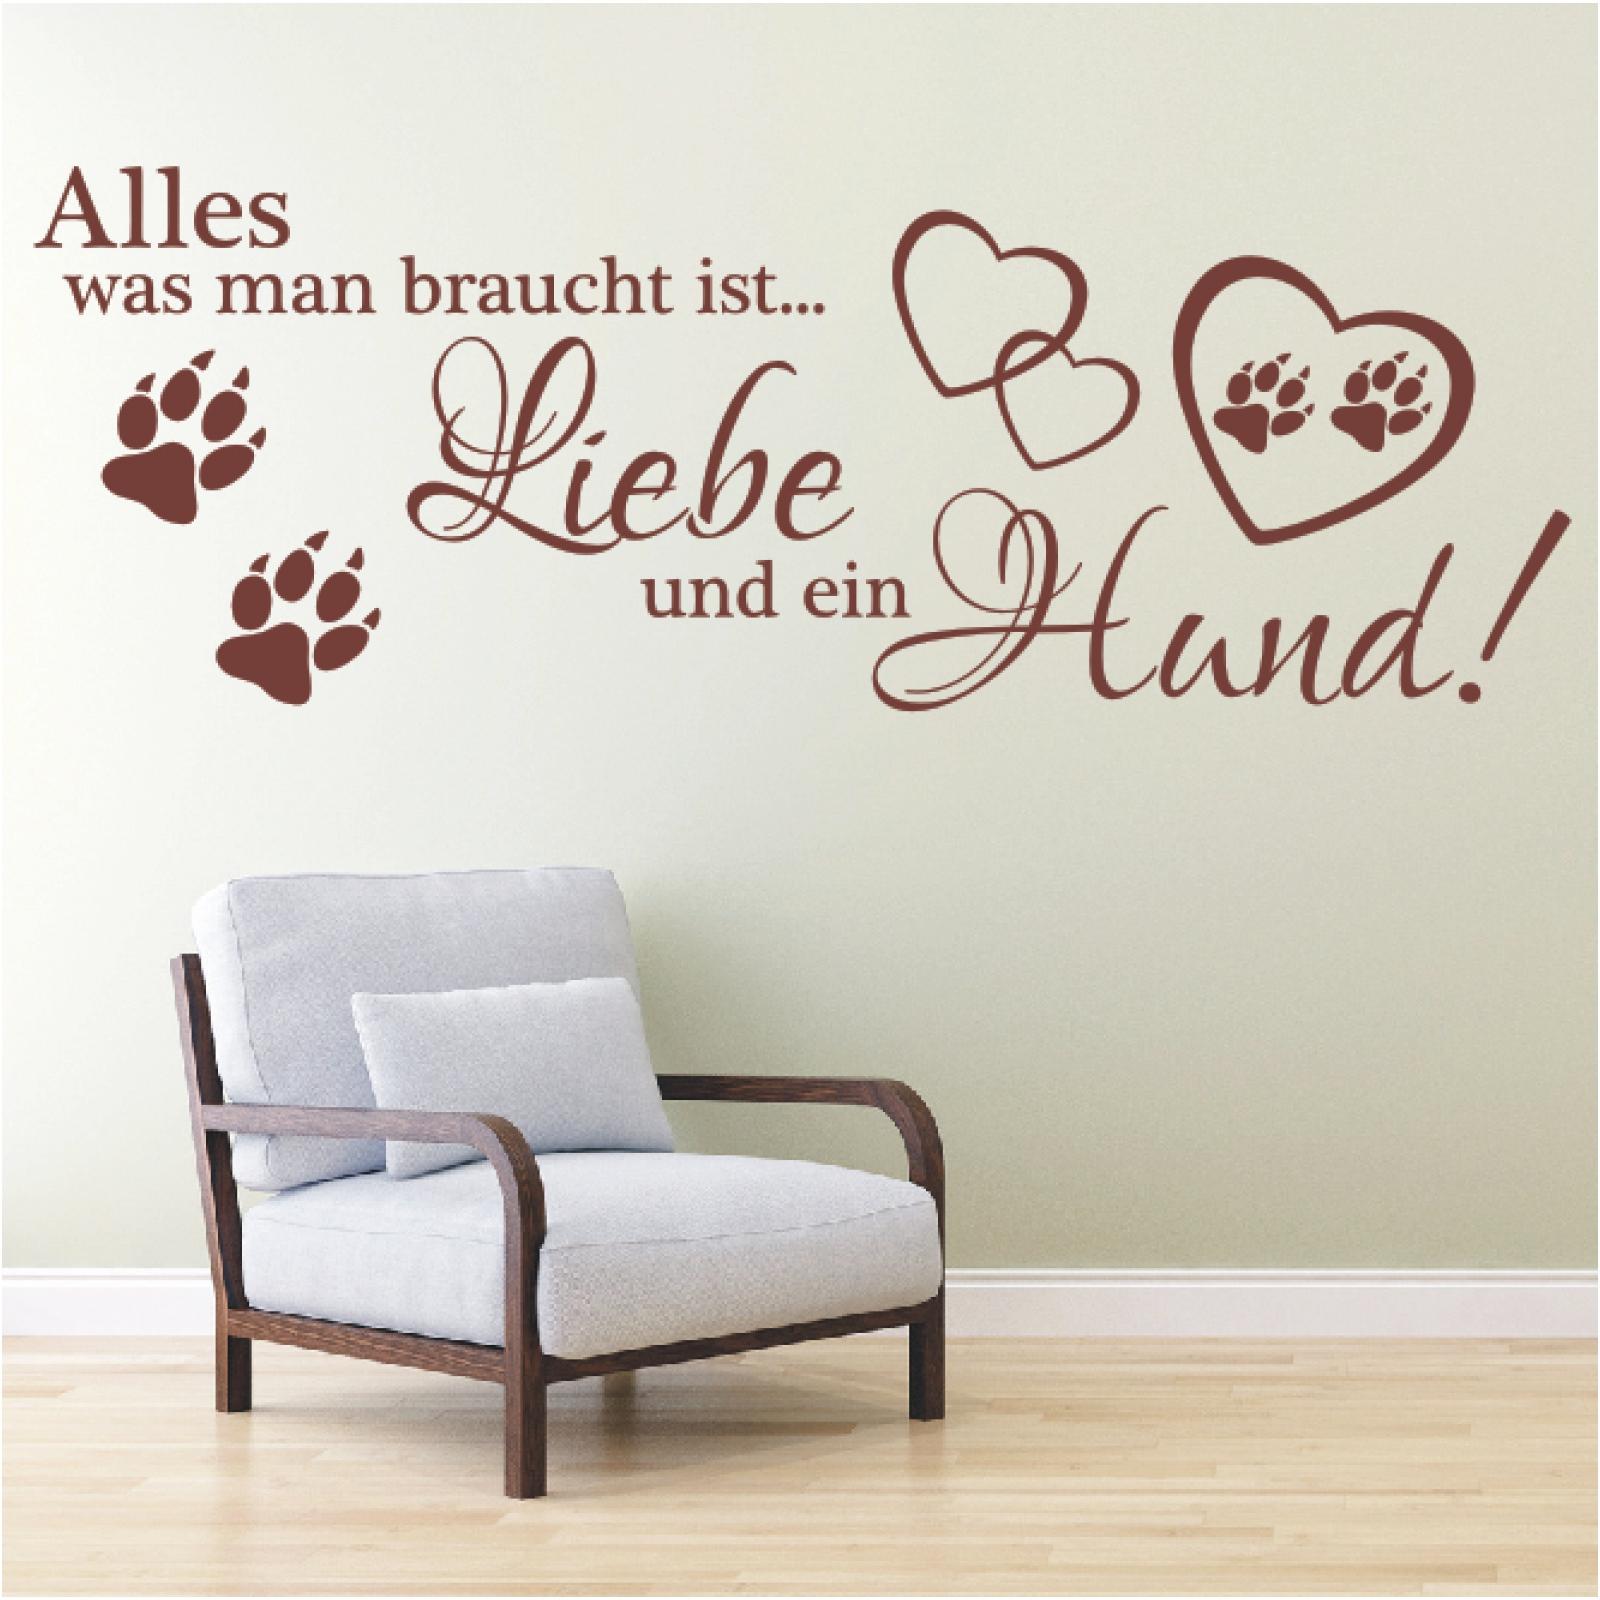 wandtattoo spruch alles was man braucht ist liebe hund wandsticker aufkleber 1 ebay. Black Bedroom Furniture Sets. Home Design Ideas